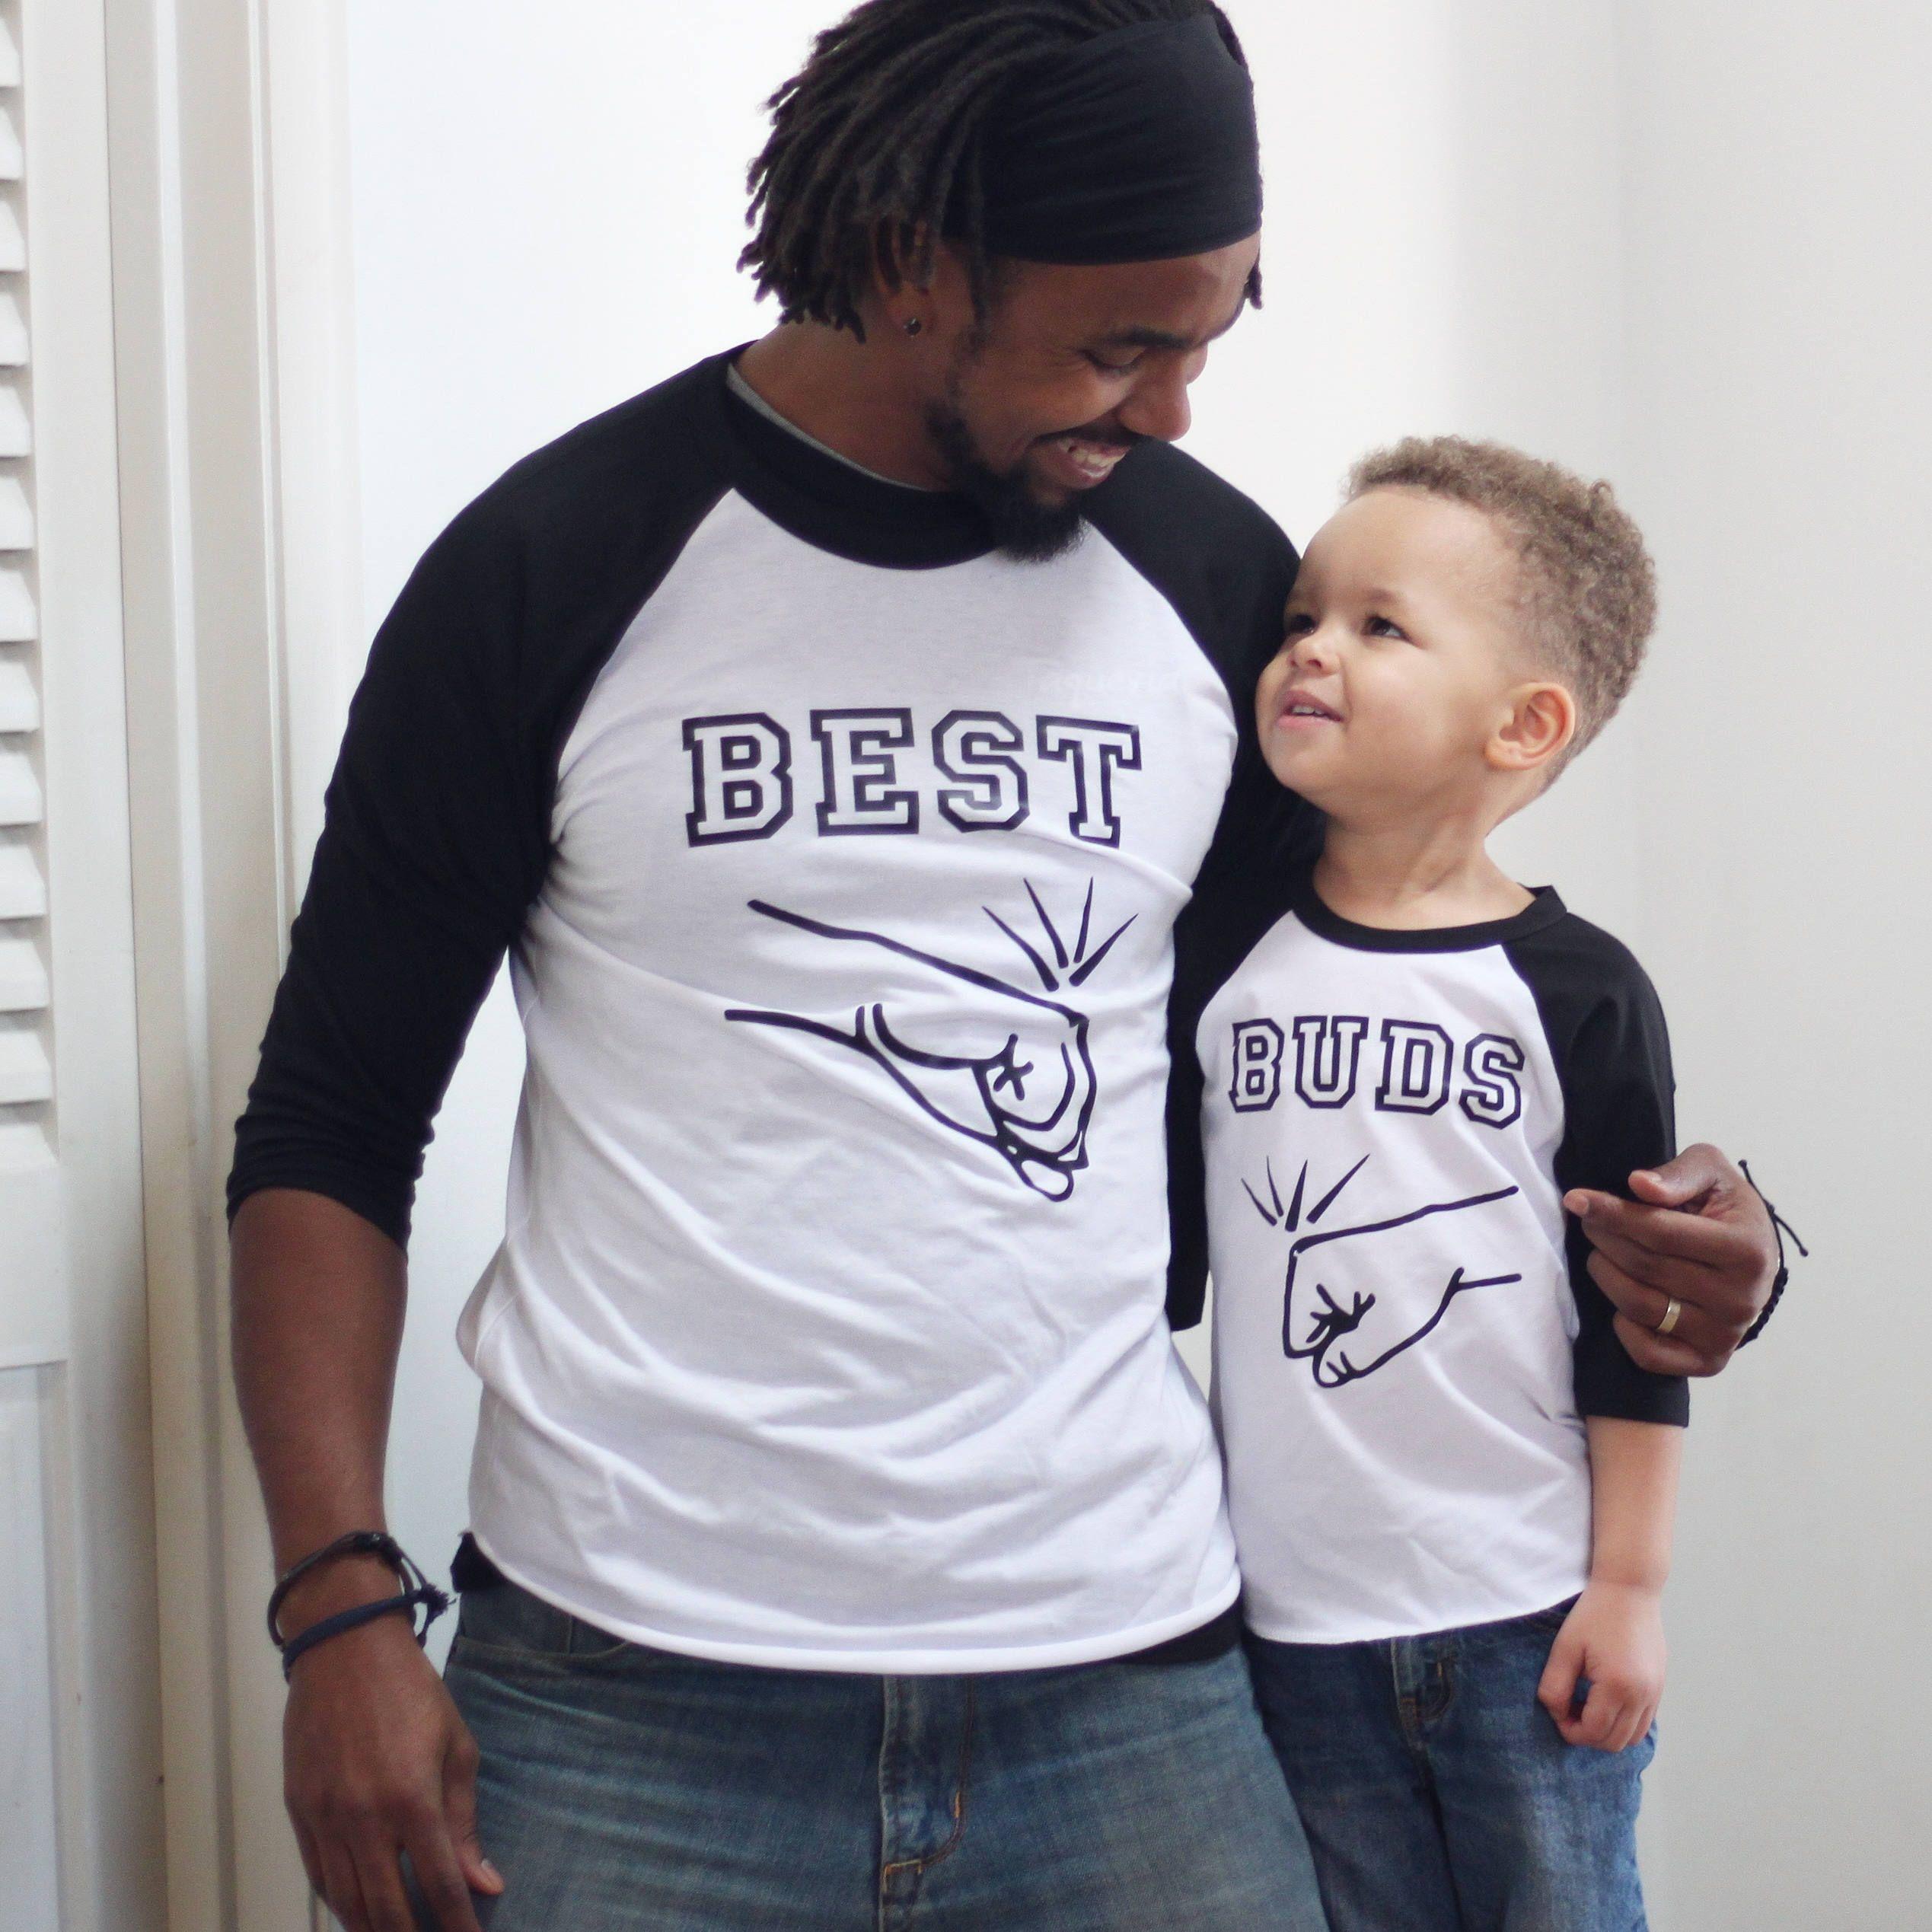 father son matching shirts  best buddies shirts  fathers